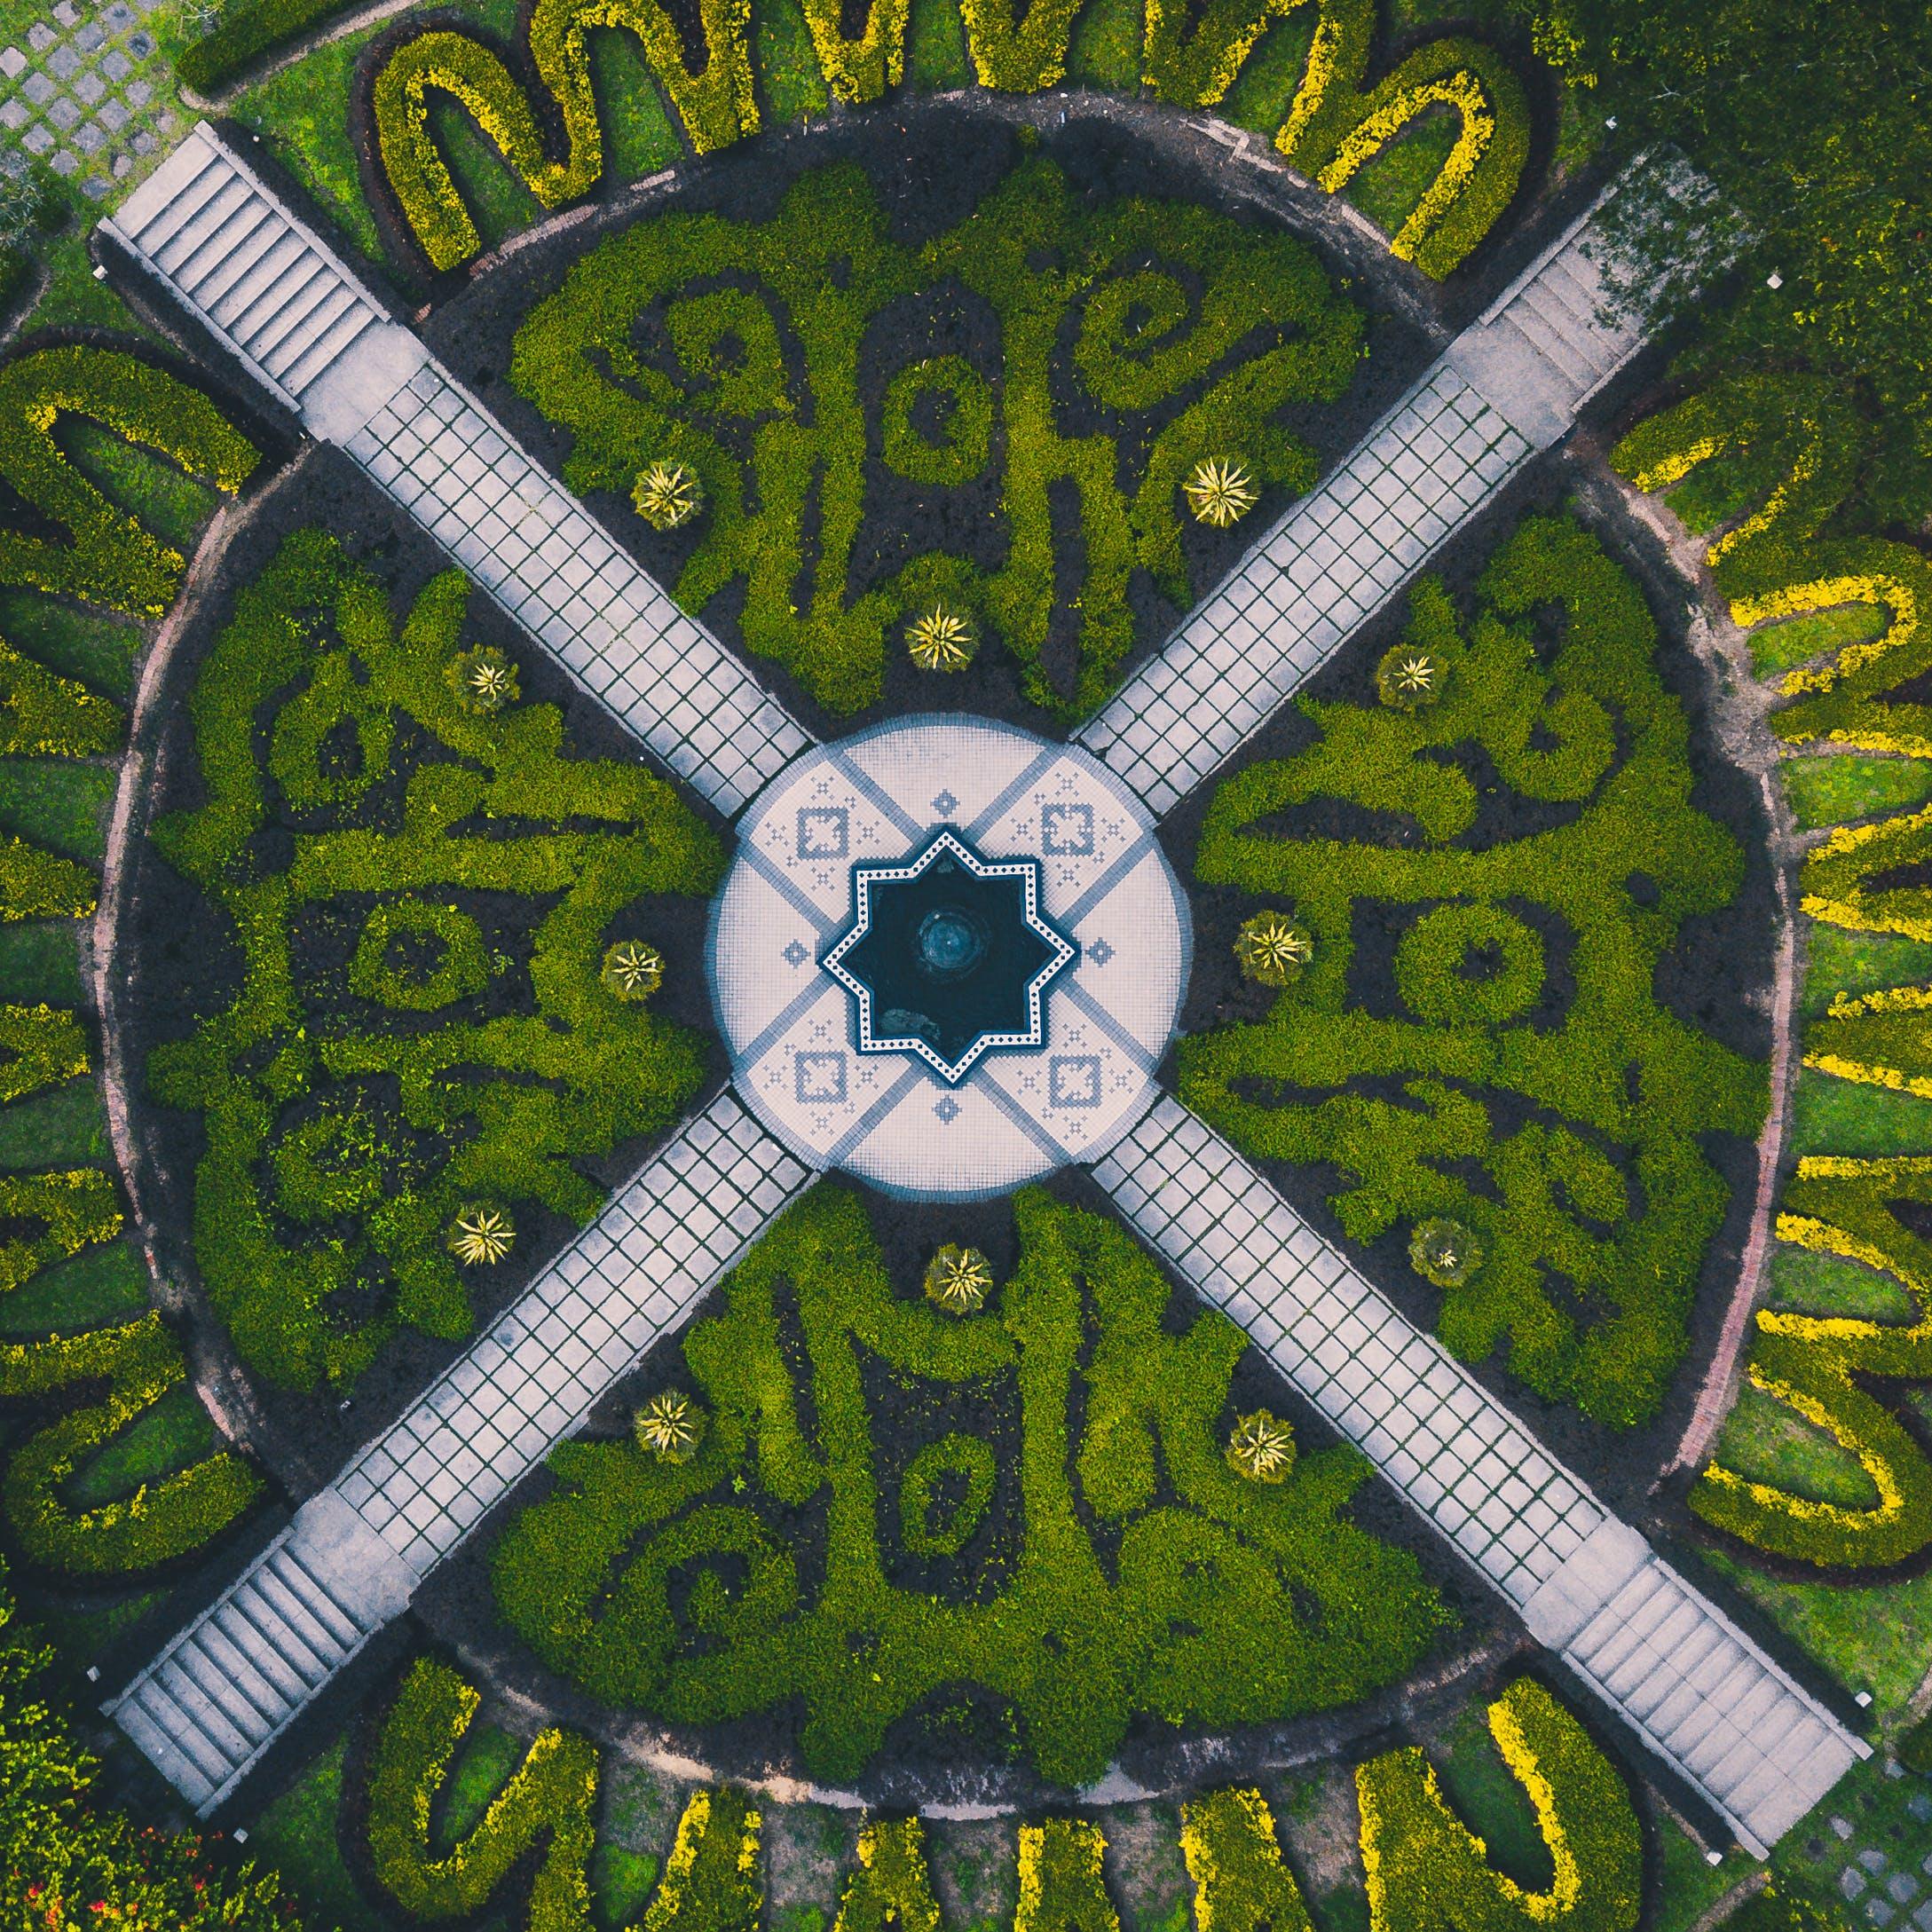 Aerial Photography of Green Garden